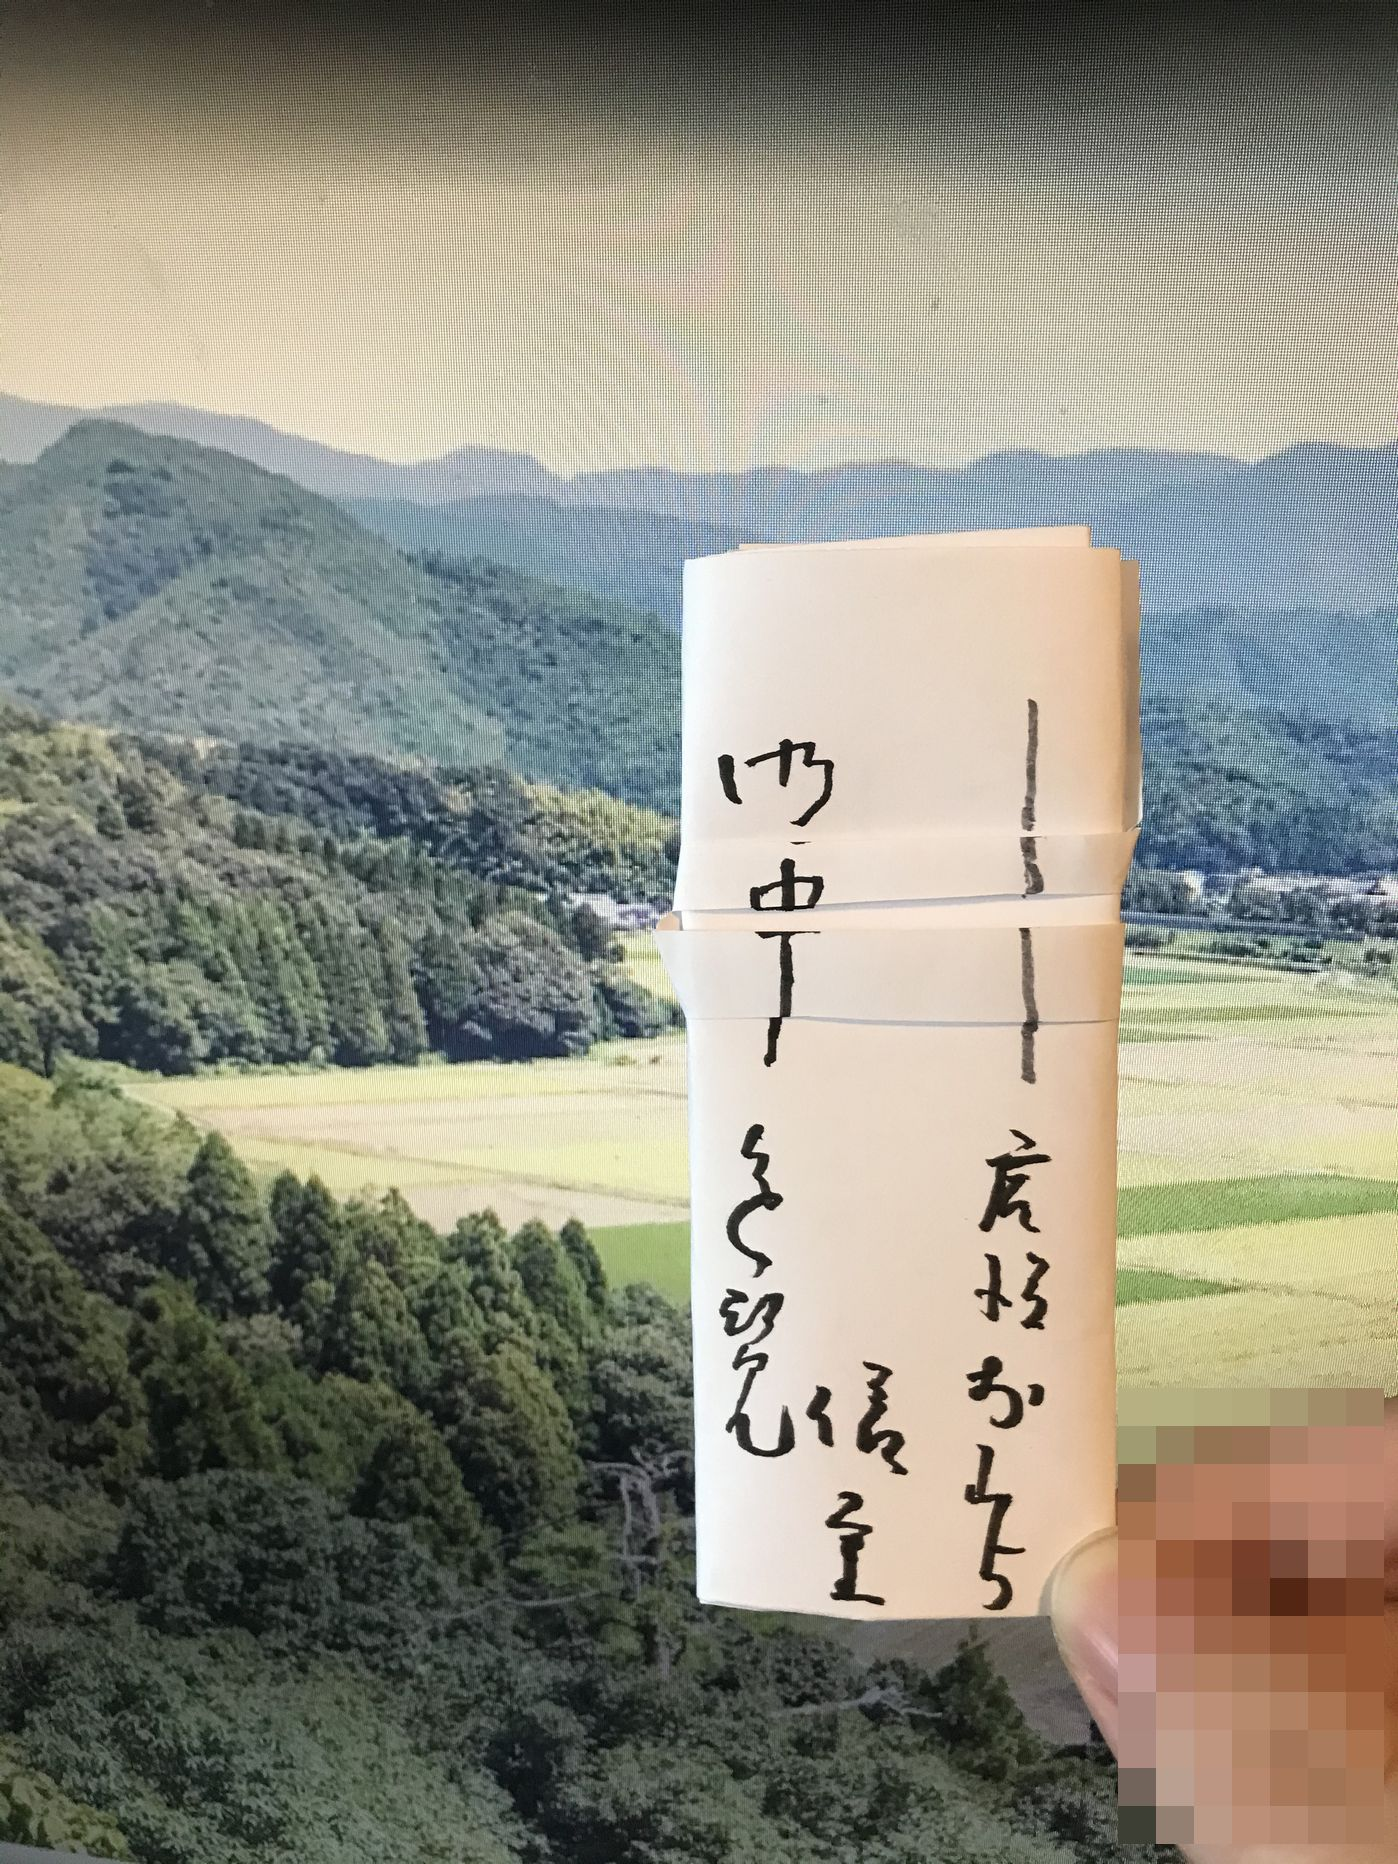 書状の封じ014(折り紙切封上書)